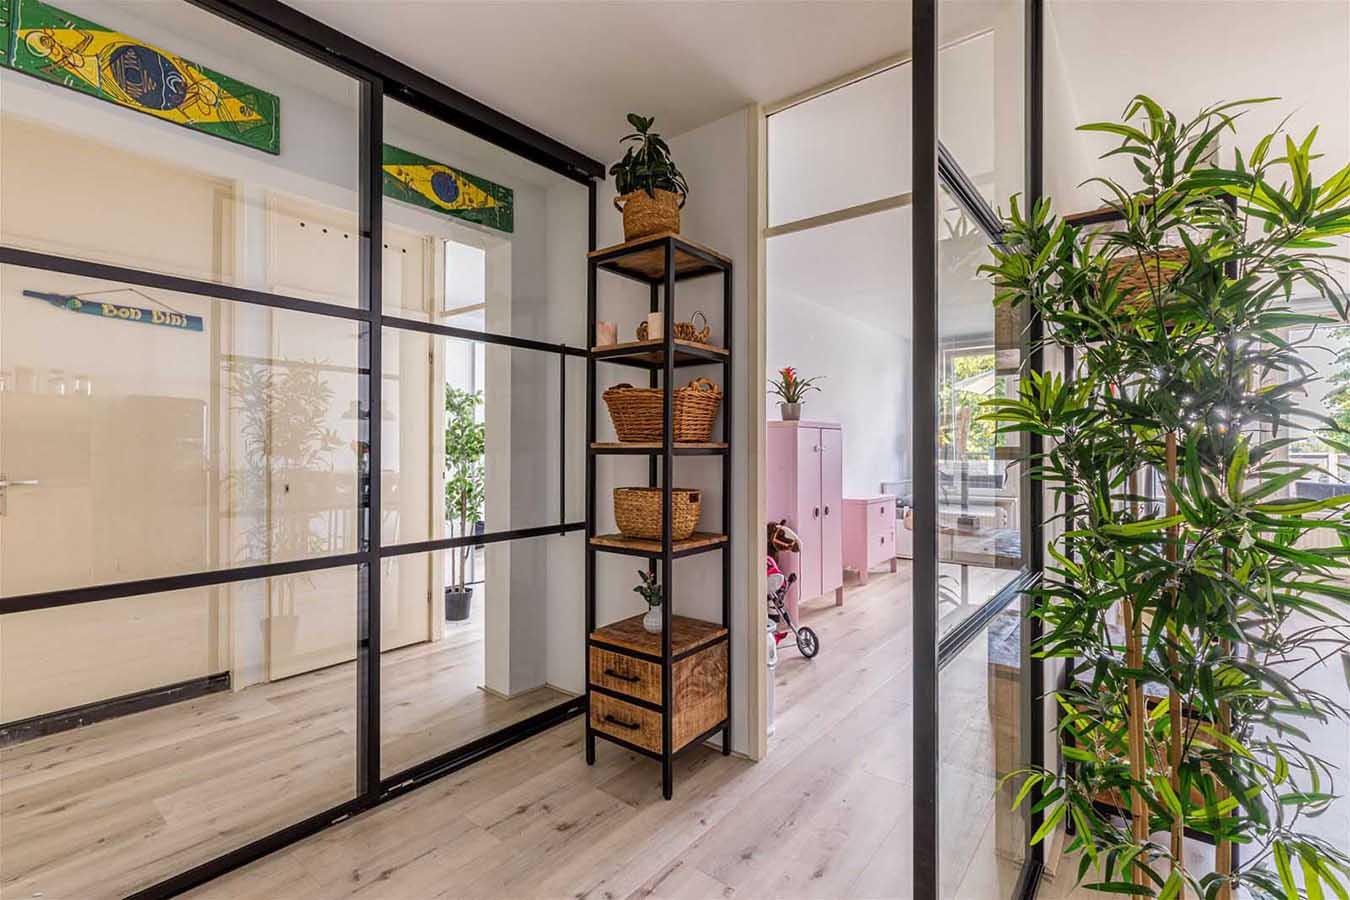 stalen deuren (zwart) met groene planten